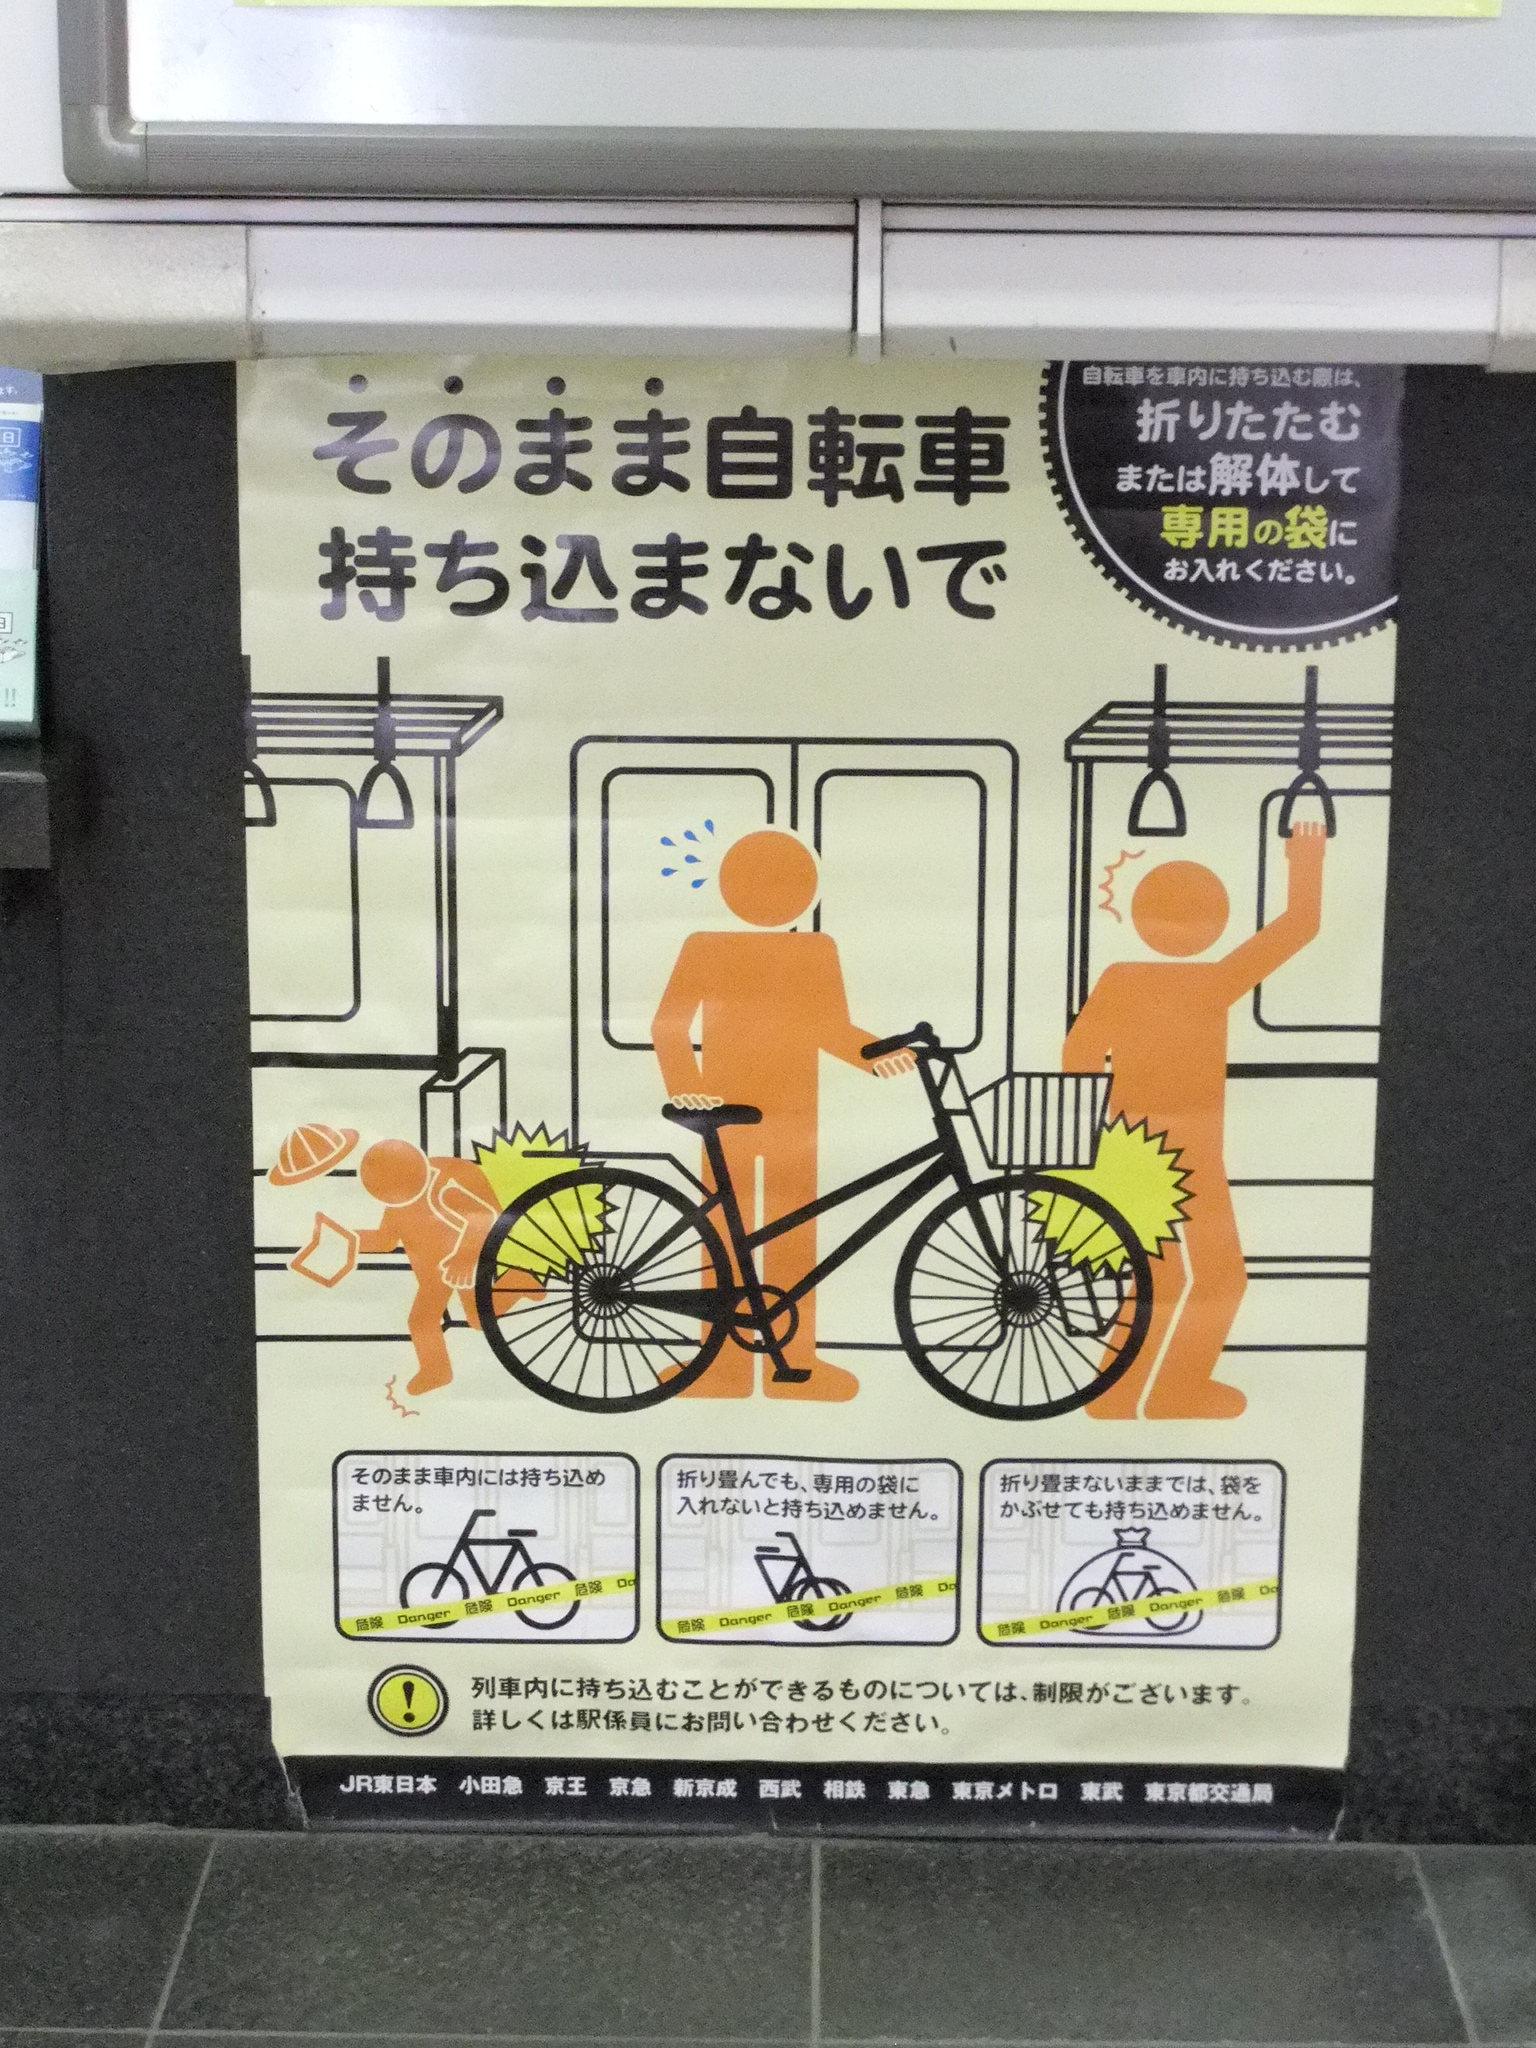 自転車持込禁止ポスター